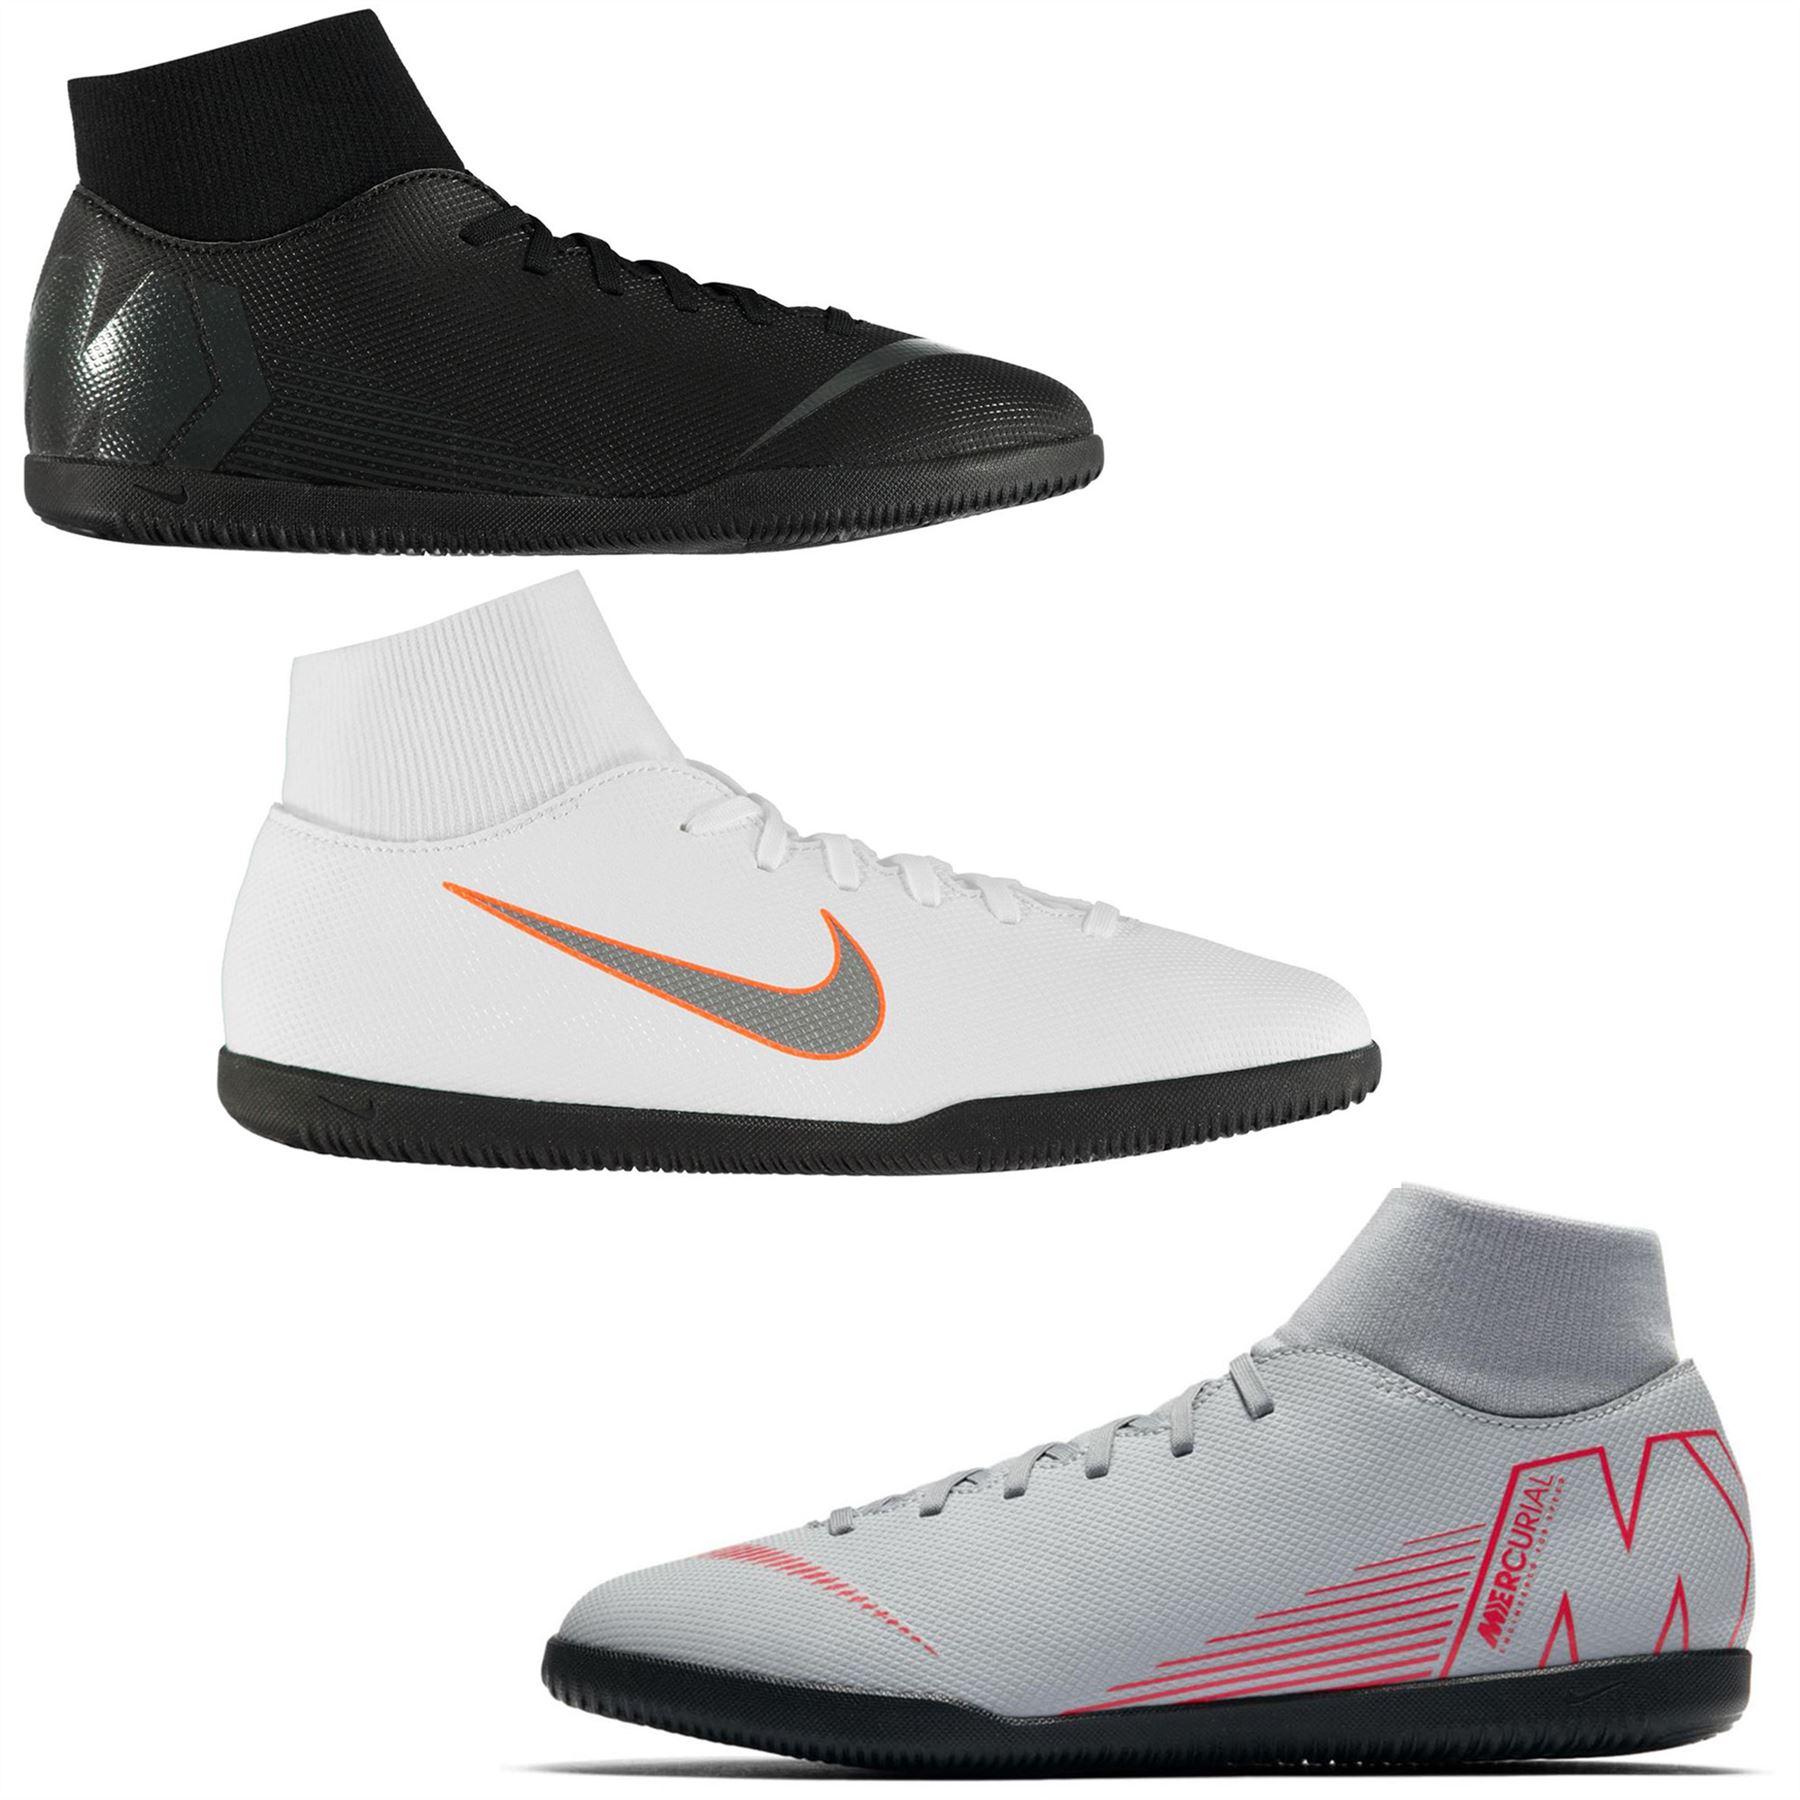 Mercurio Calcetto Superfly Mazza Nike Al Df Scarpe Sportive Uomo QrCxBoeWd